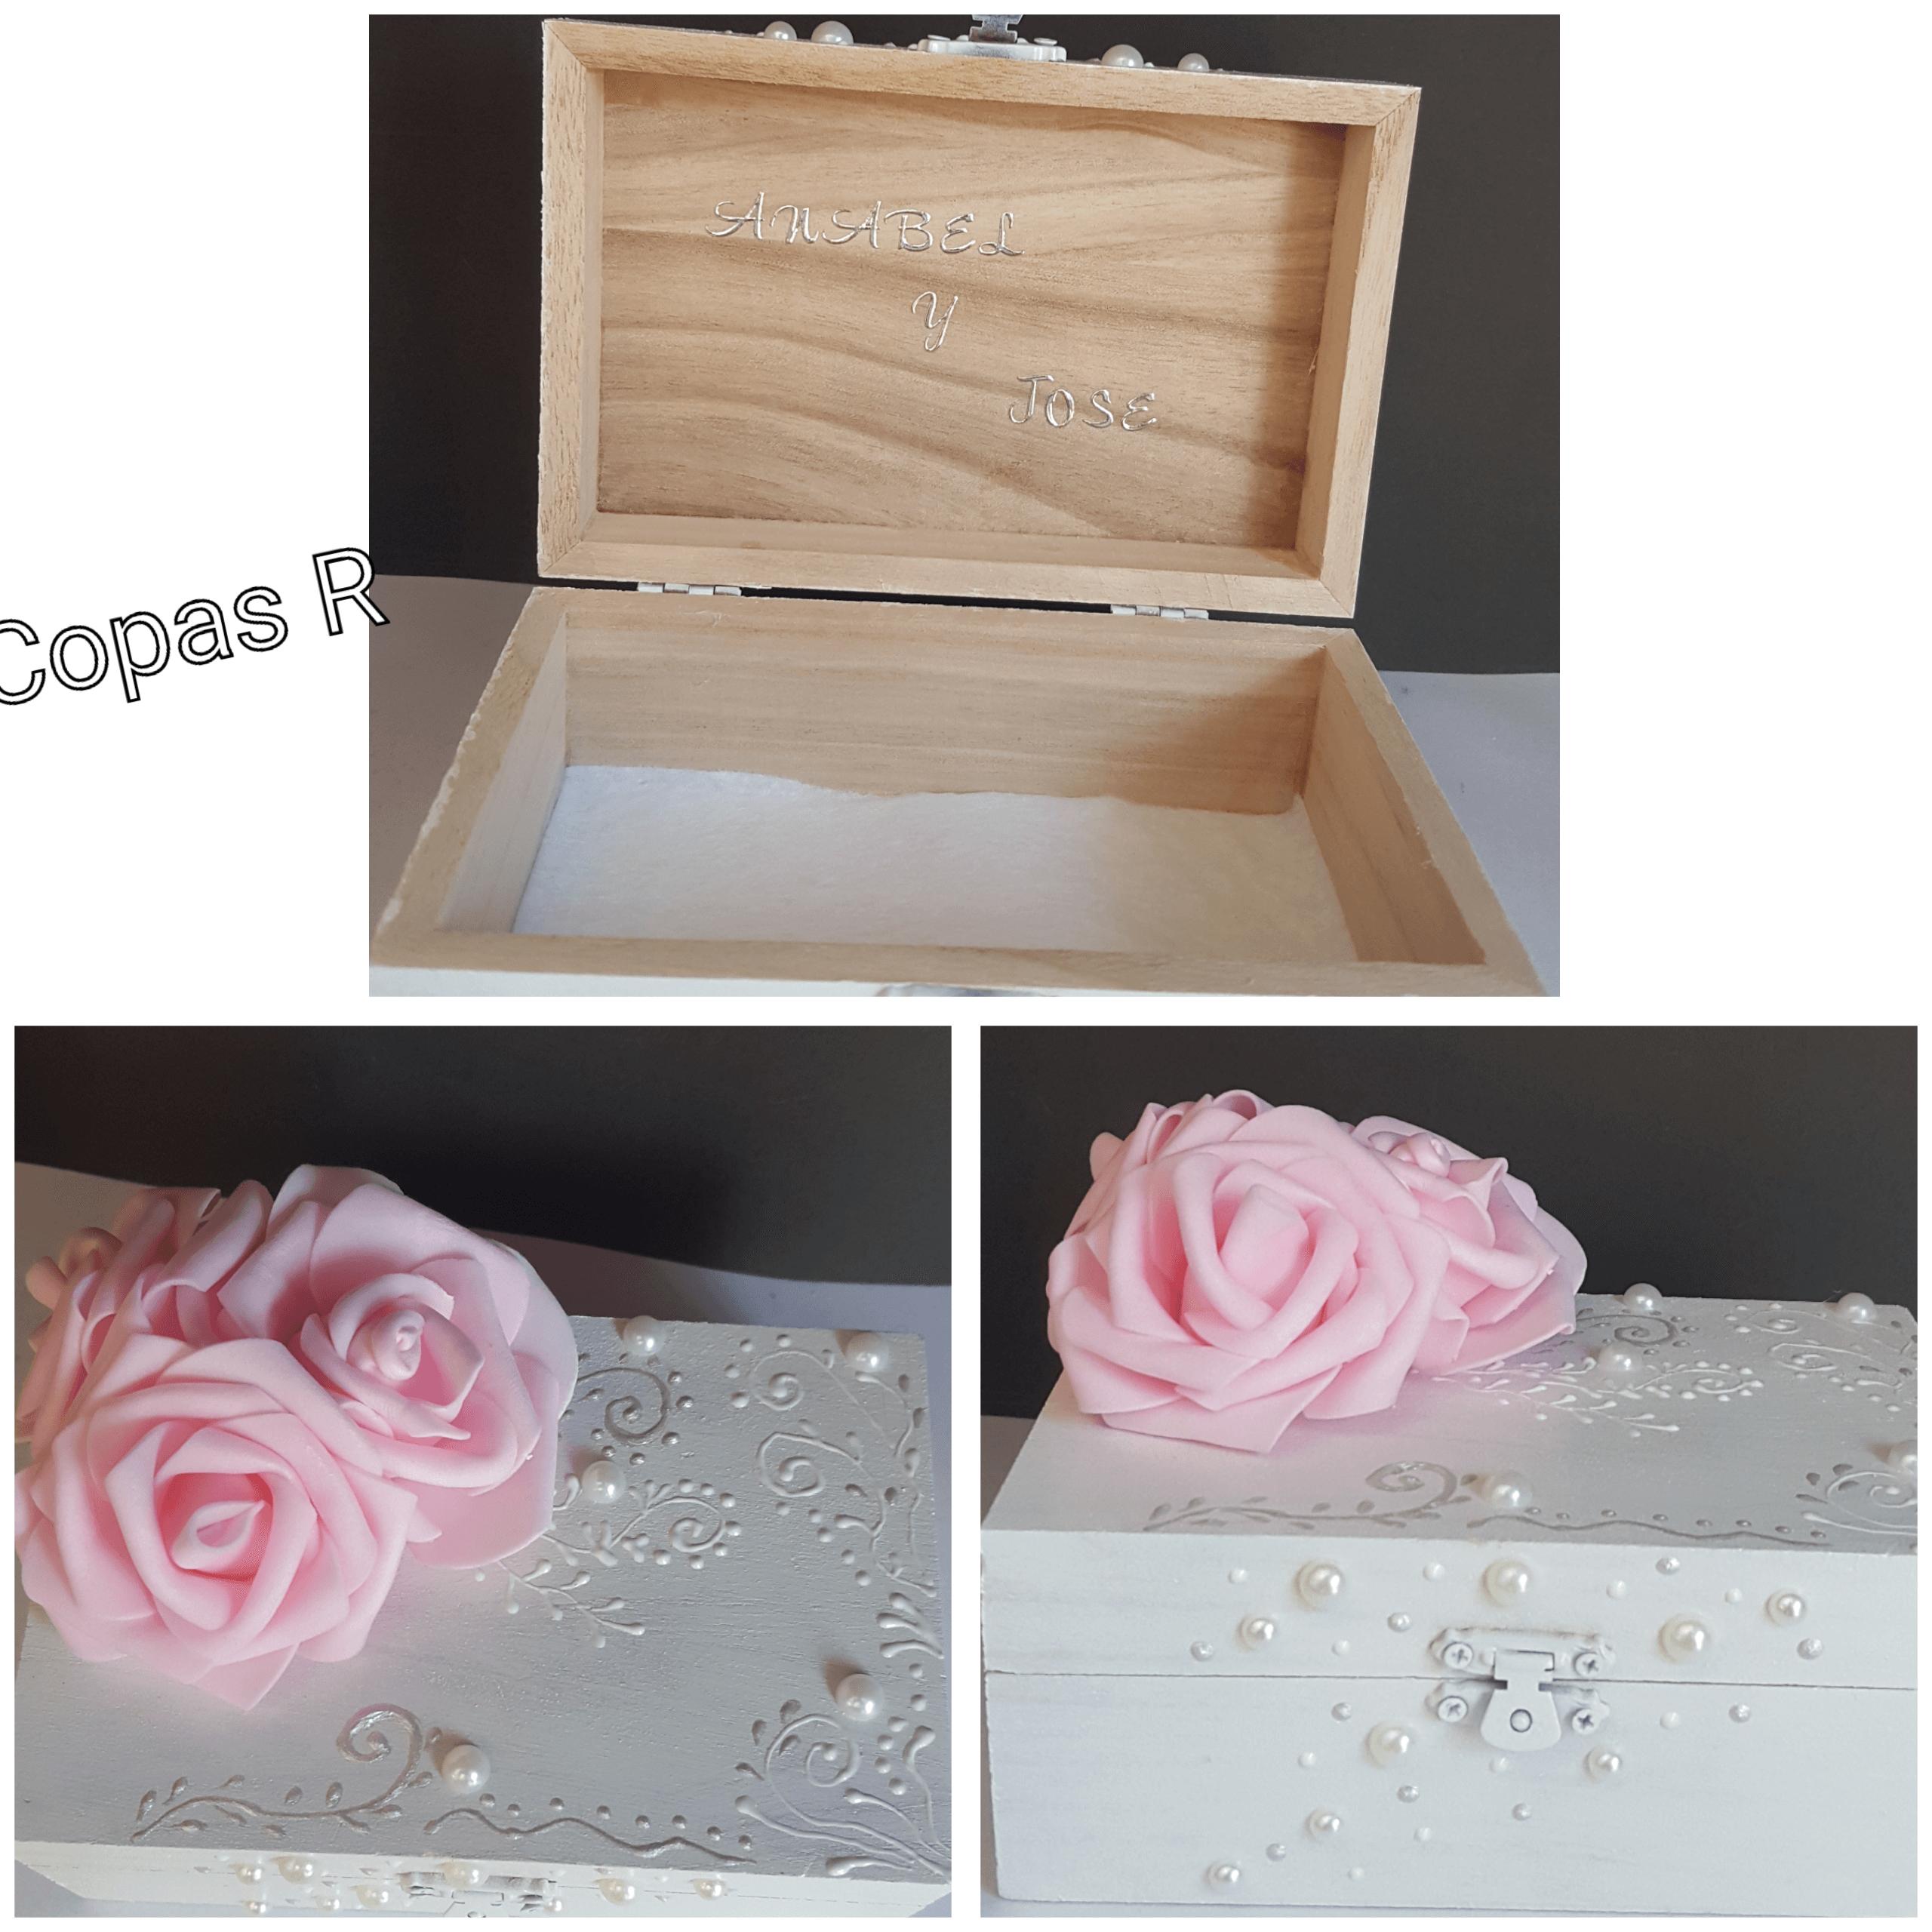 cajas de madera para arras cajas de madera para arras - caja para arras 3 - Cajas de madera para arras – Caja para arras